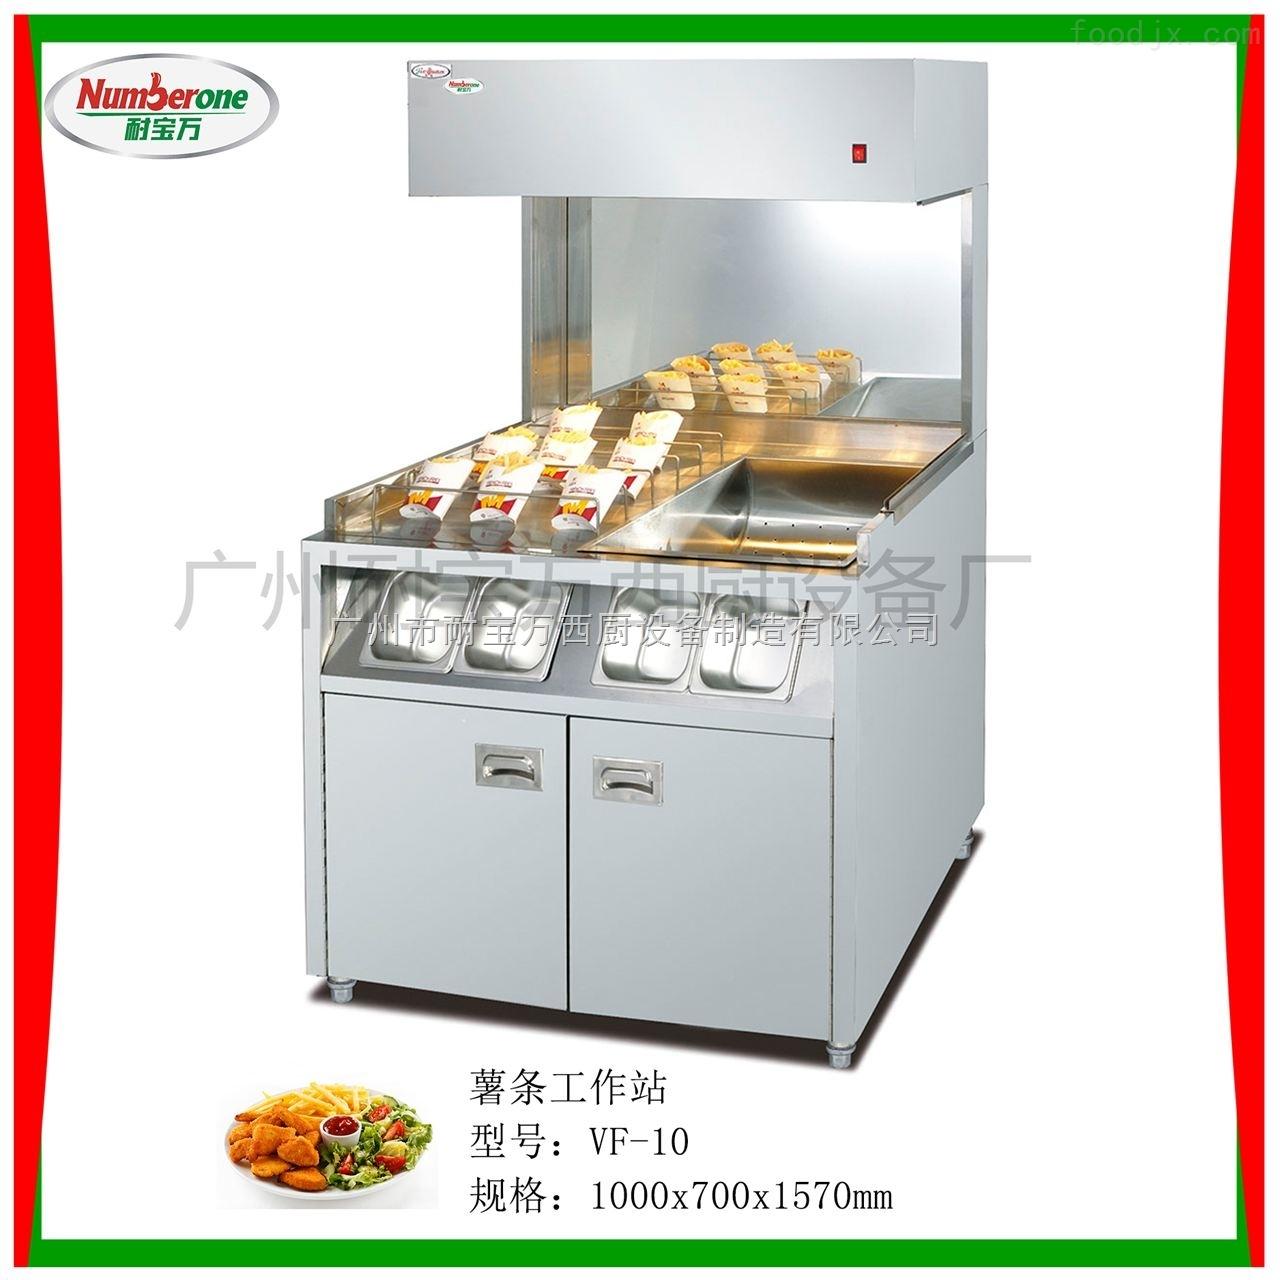 立式薯条工作站/麦肯鸡快餐设备/西式快餐设备/肯德基设备